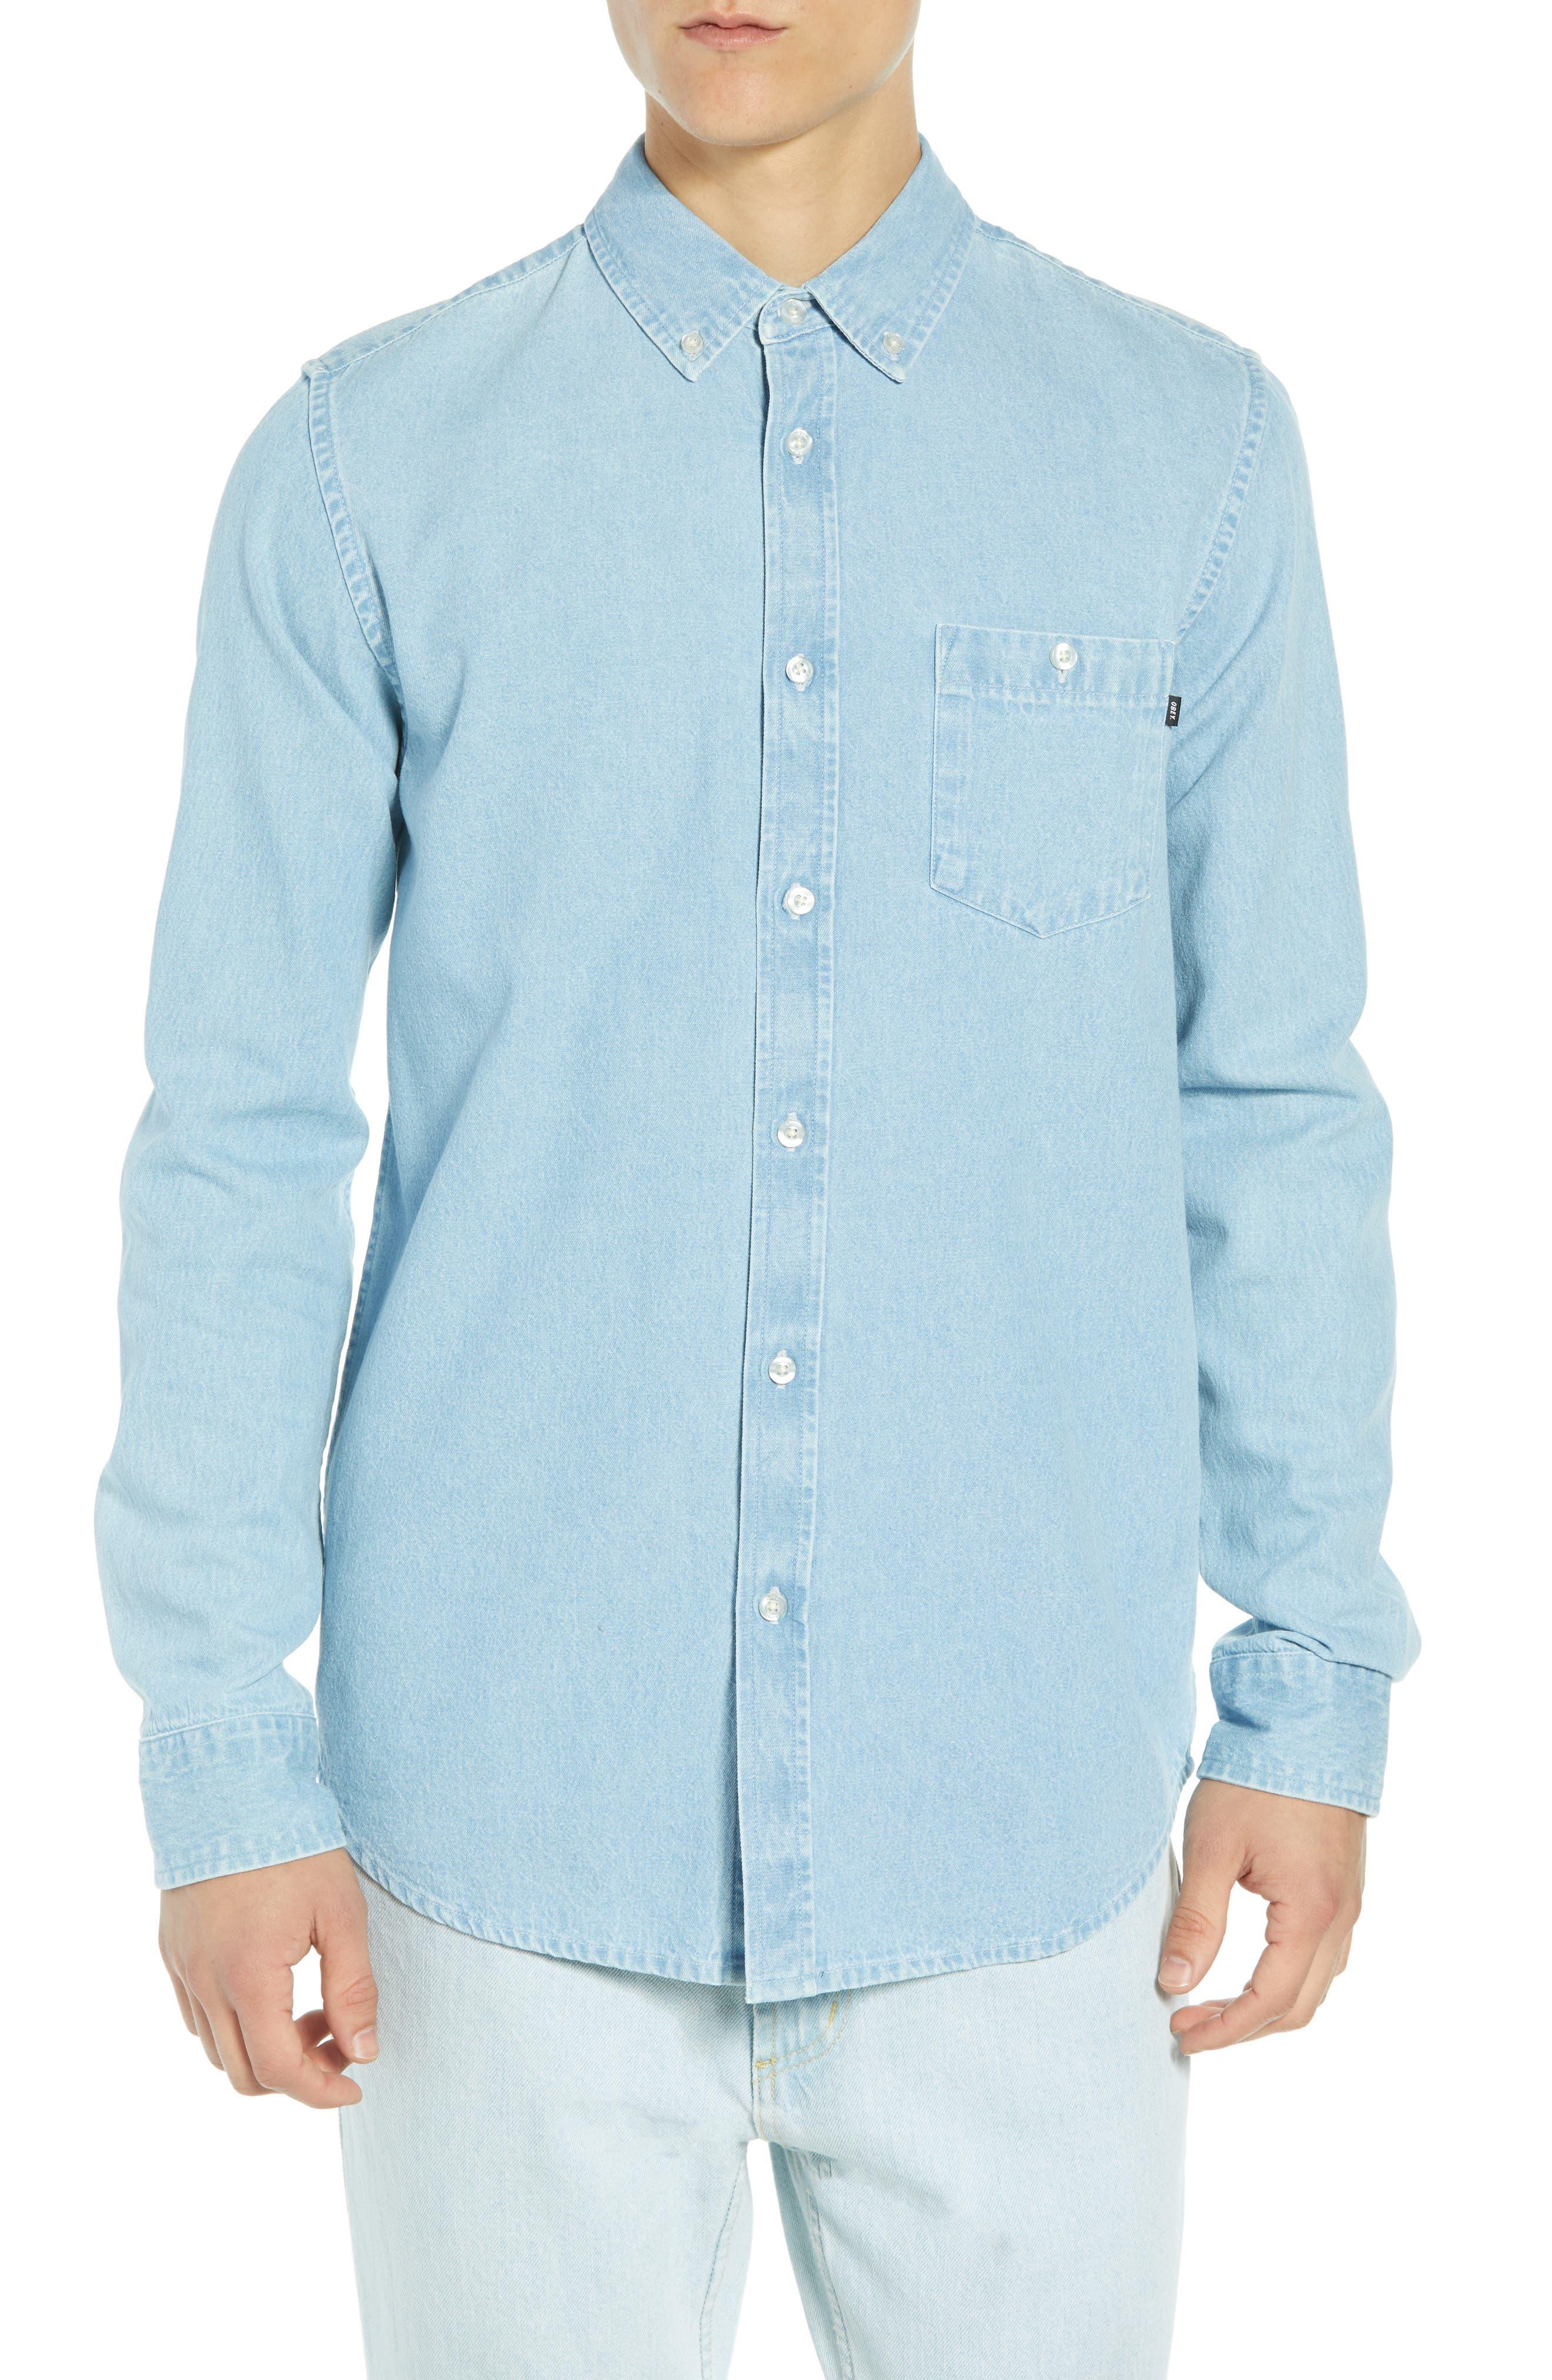 Keble Chambray Shirt,                         Main,                         color, BLUE